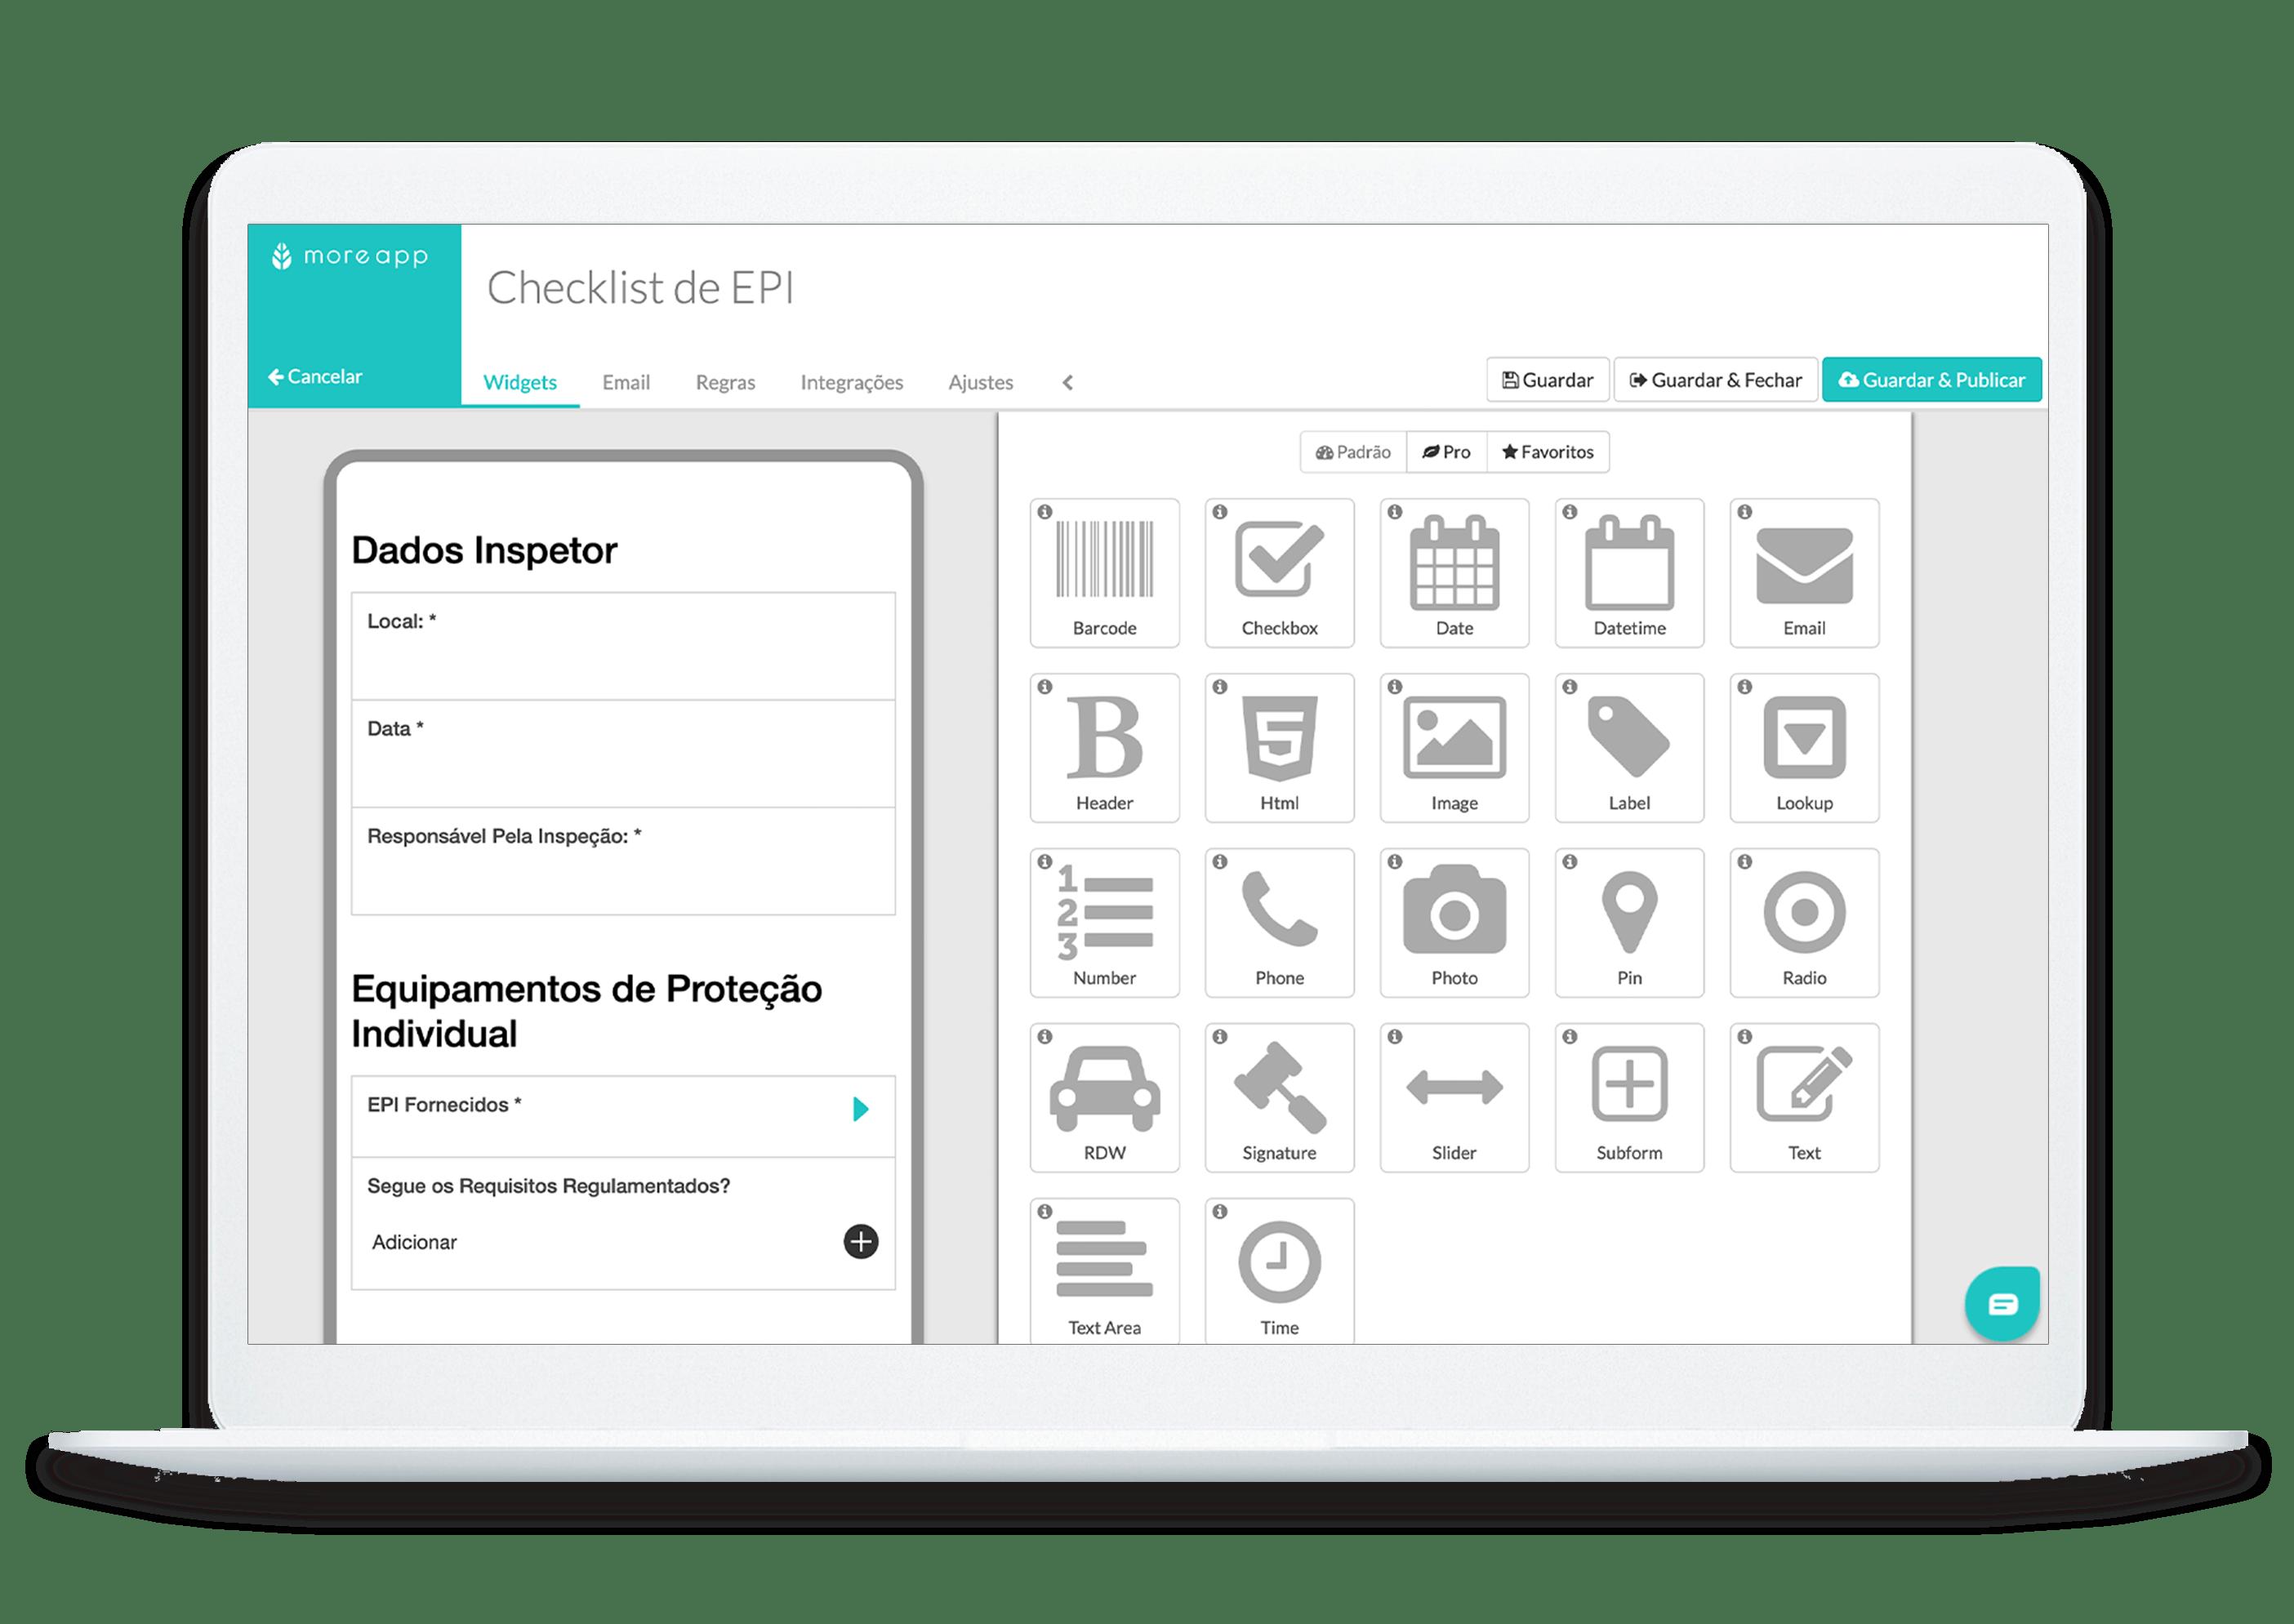 MoreApp Formulários App de Checklist de EPI